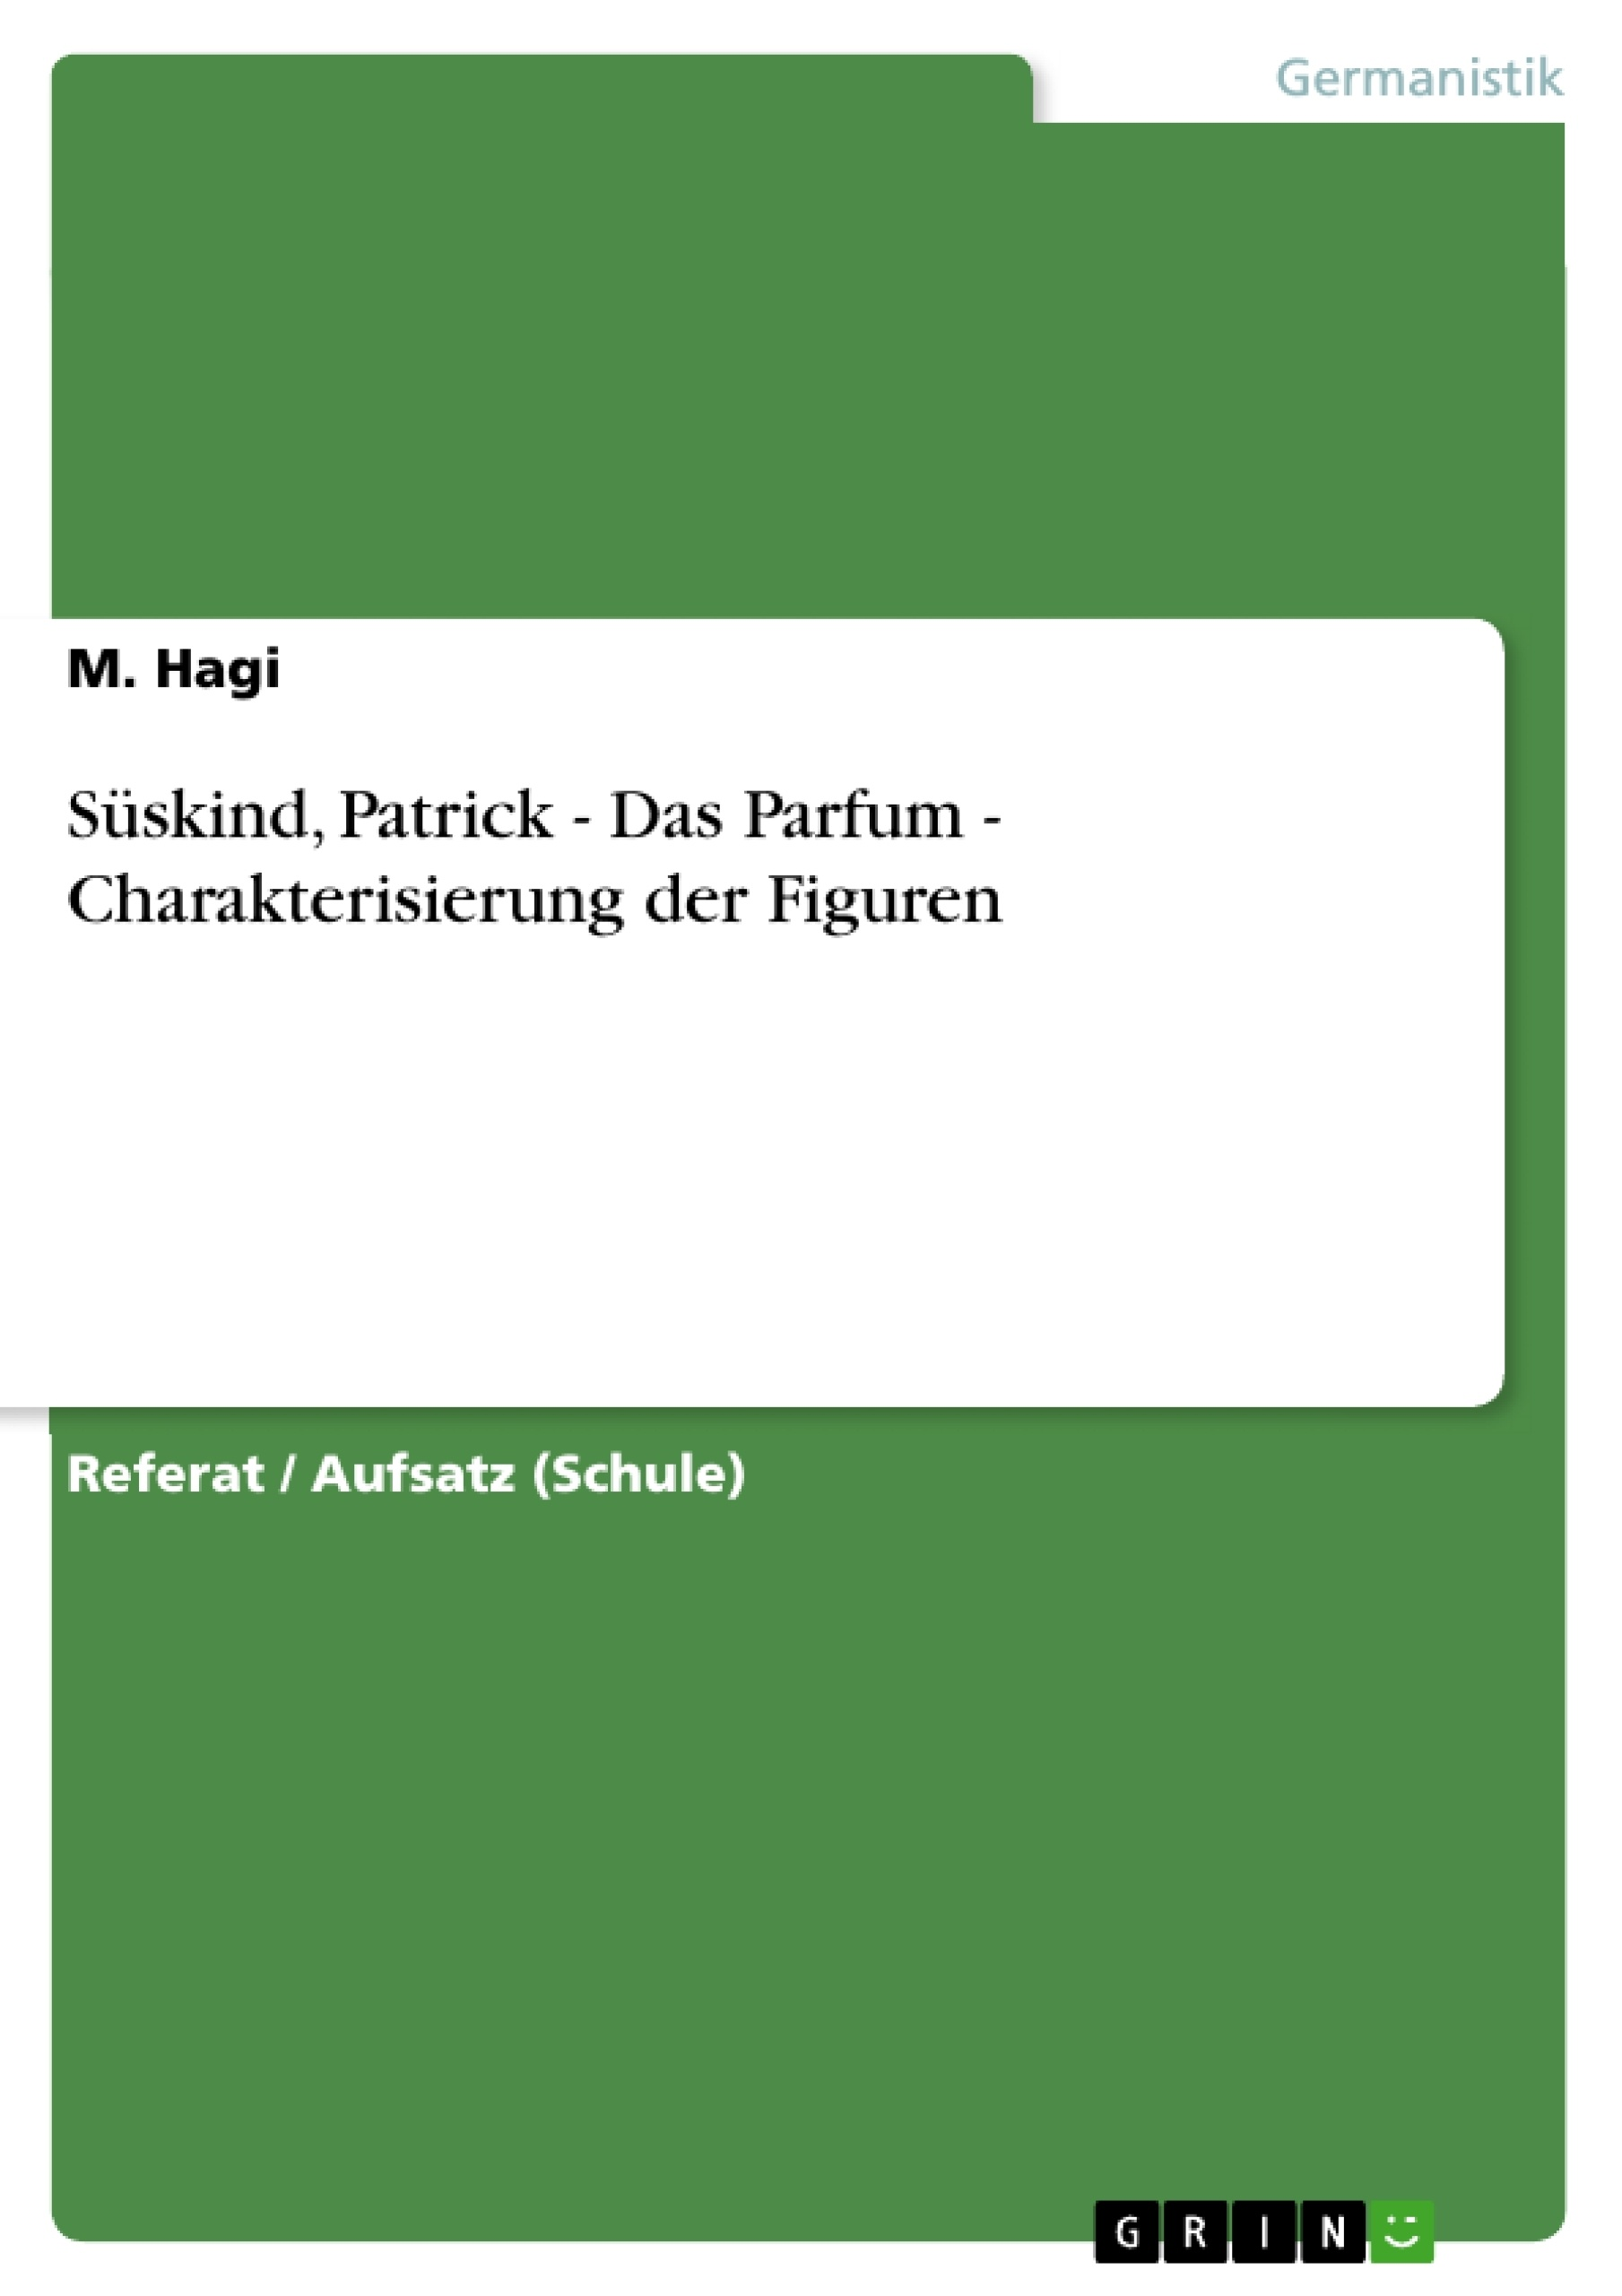 Titel: Süskind, Patrick - Das Parfum - Charakterisierung der Figuren